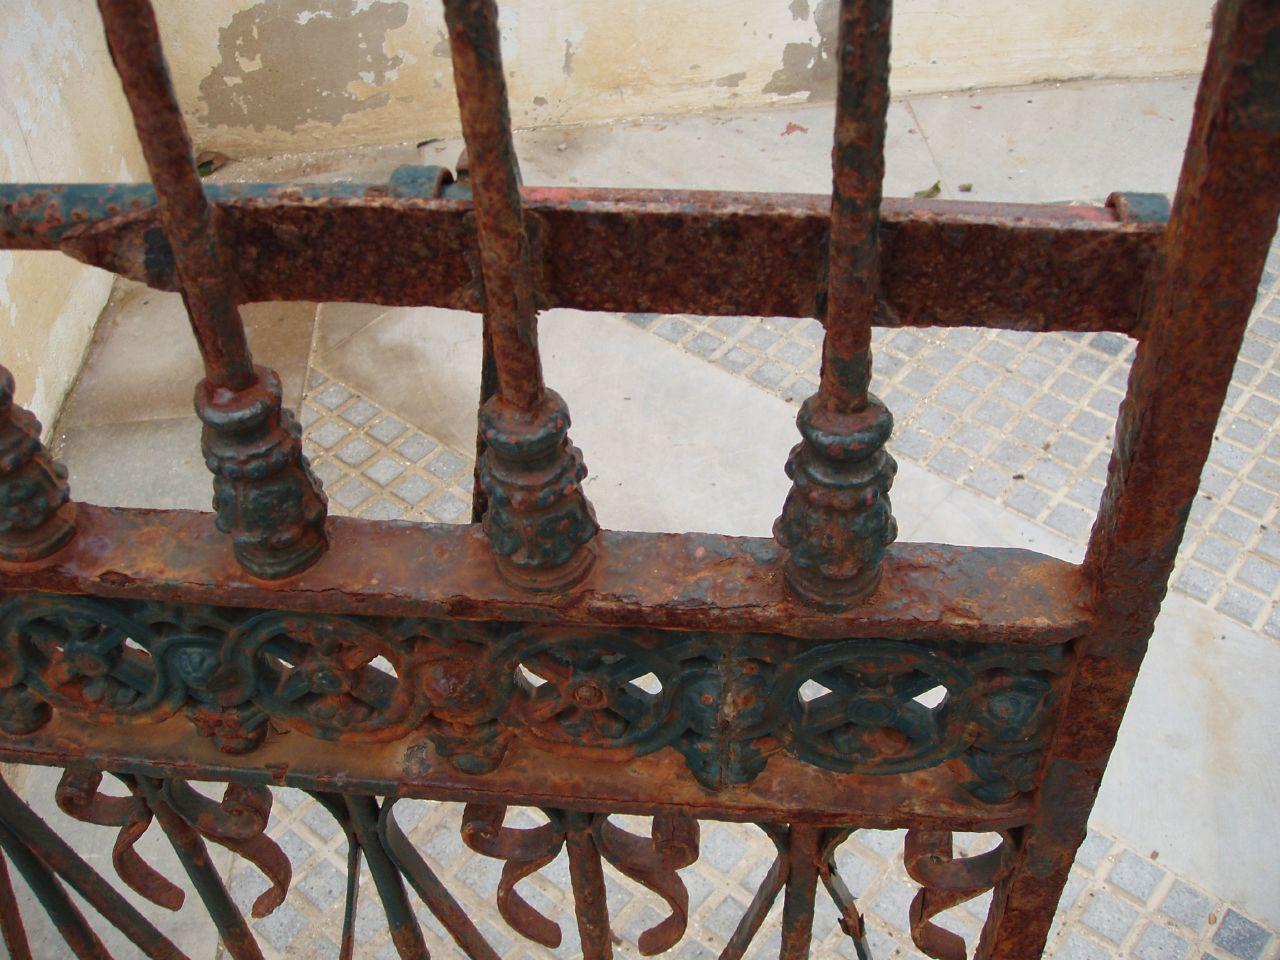 Polvo en el balcon - 3 2